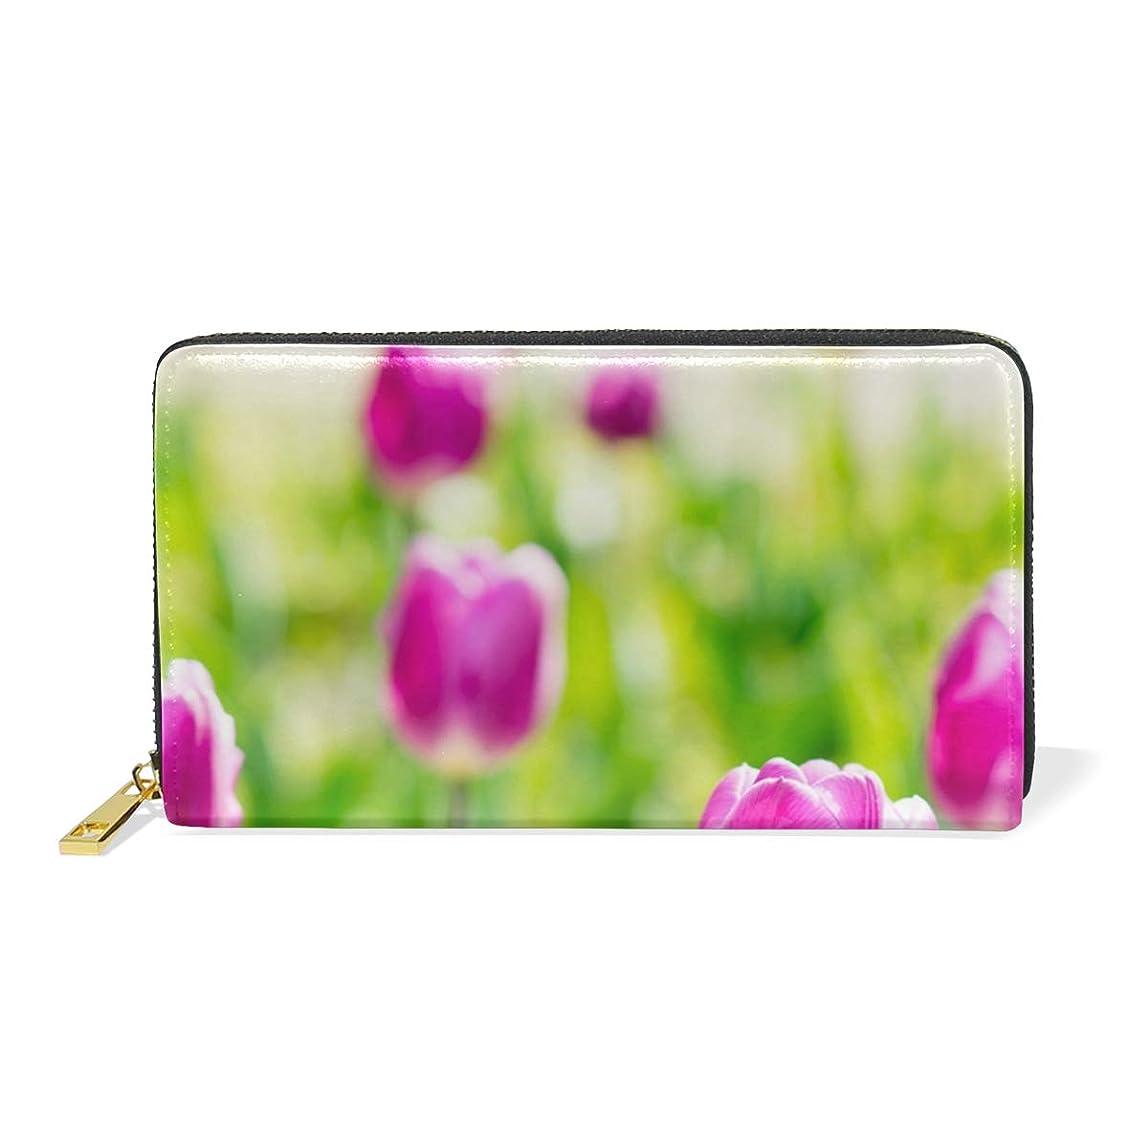 無限任意教育者AyuStyle 長財布 メンズ レディース 財布 二つ折り 紫色のチューリップ 春 個性的 PUレザー 小銭入れ お札入れ カード入れ 大容量 多機能 レディース メンズ 男女兼用